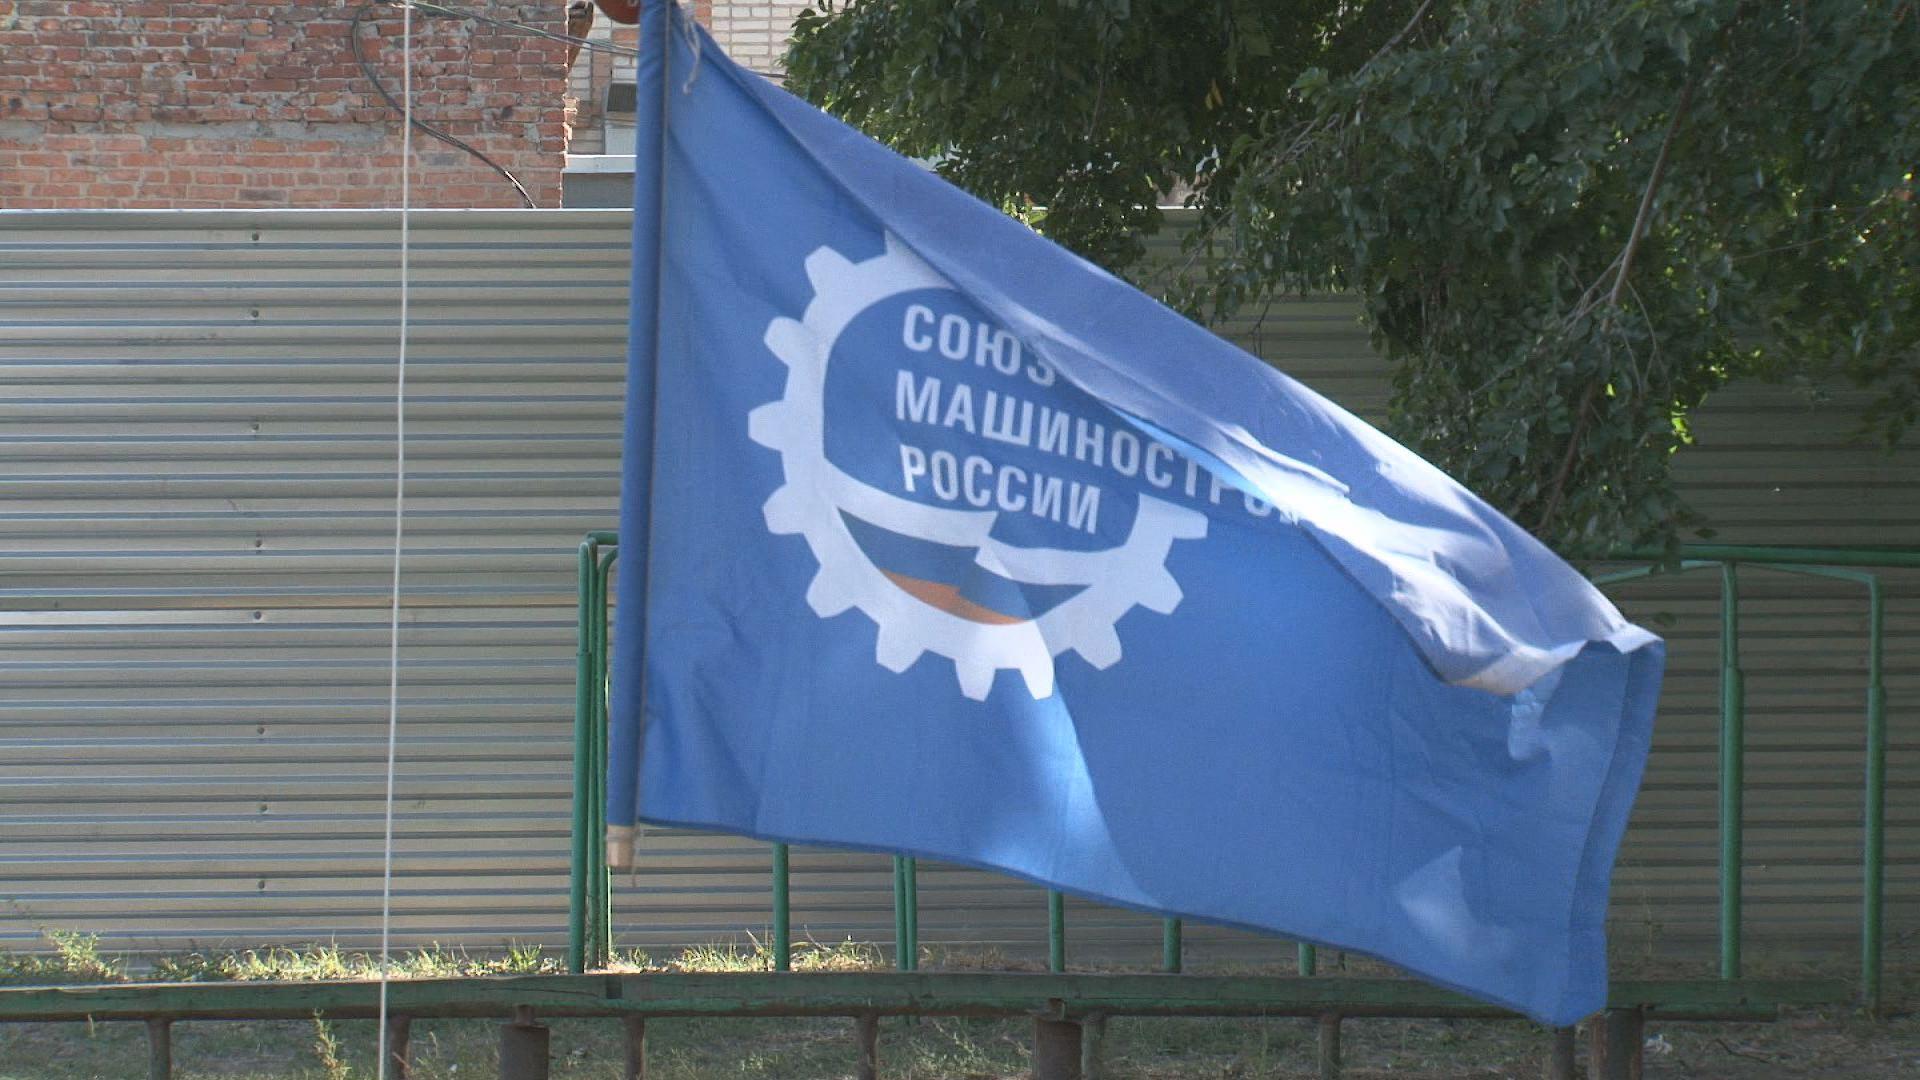 Будущие машиностроители Новочеркасска отметили профессиональный праздник спортивными соревнованиями